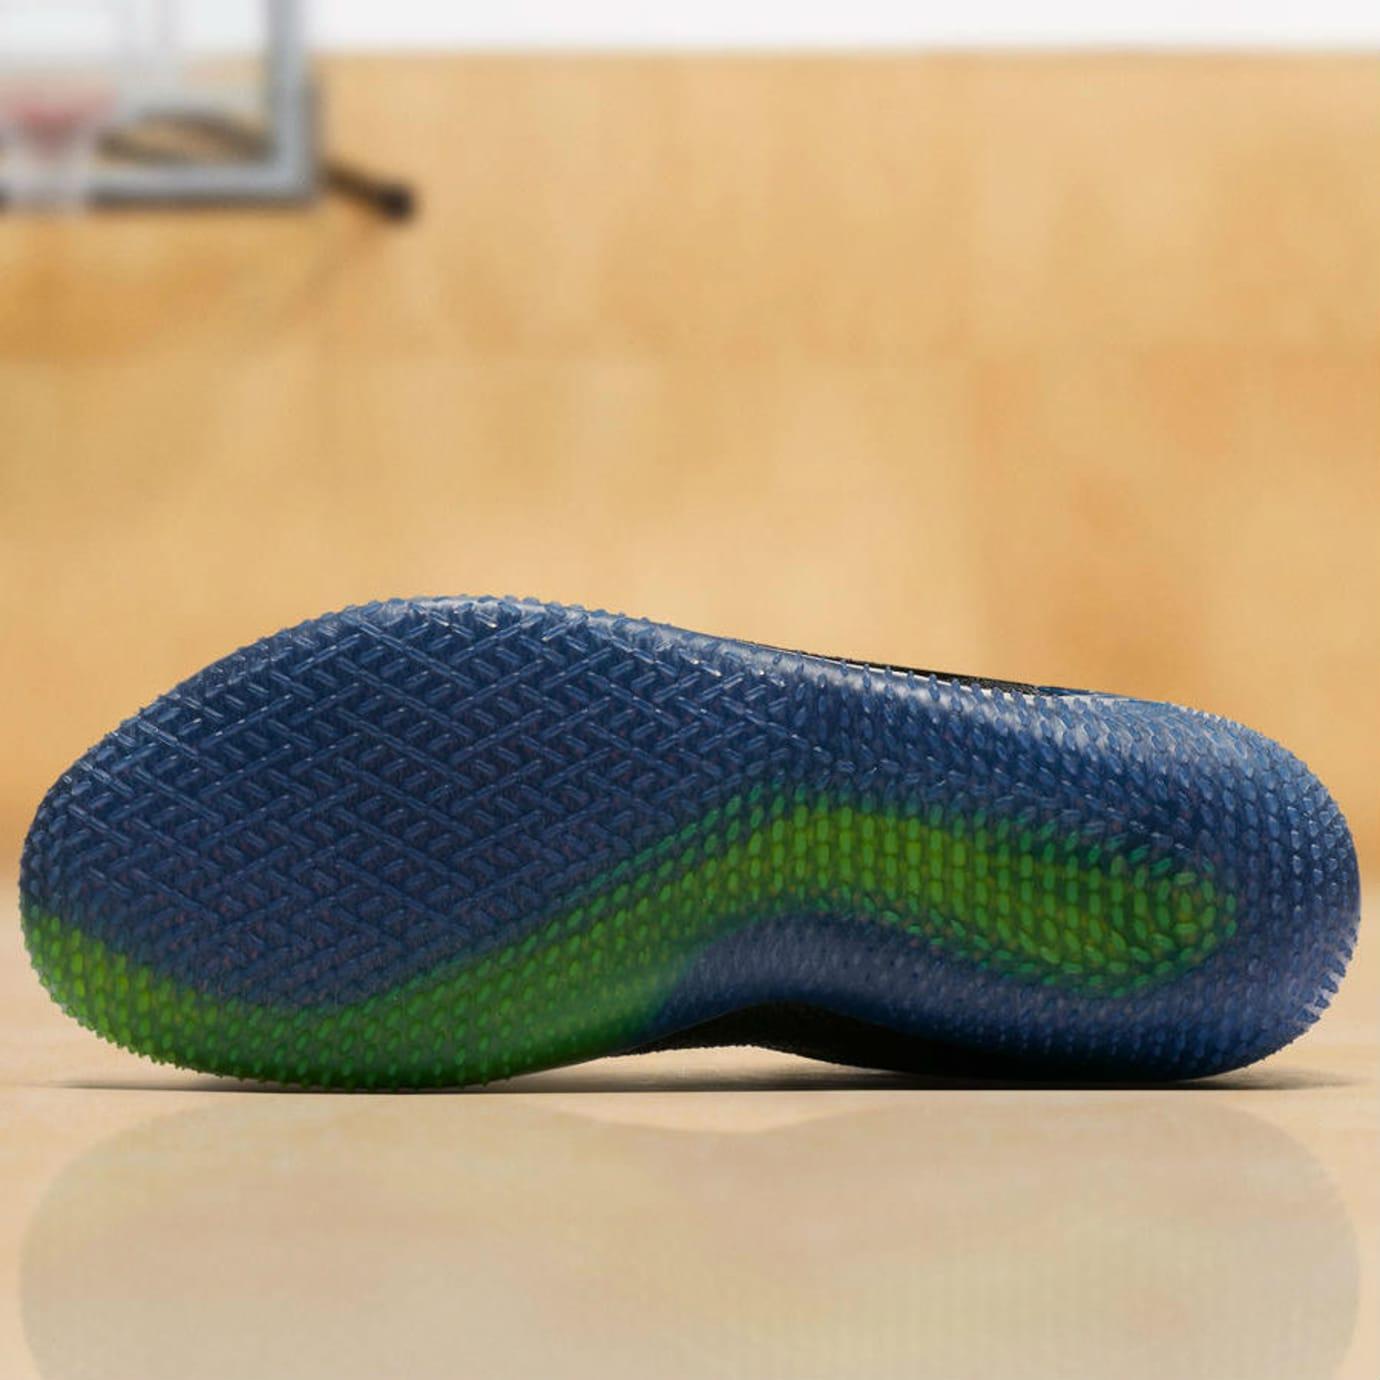 c2078c31b1a Image via Nike Nike Kobe A.D. NXT 360 Black Release Date Sole